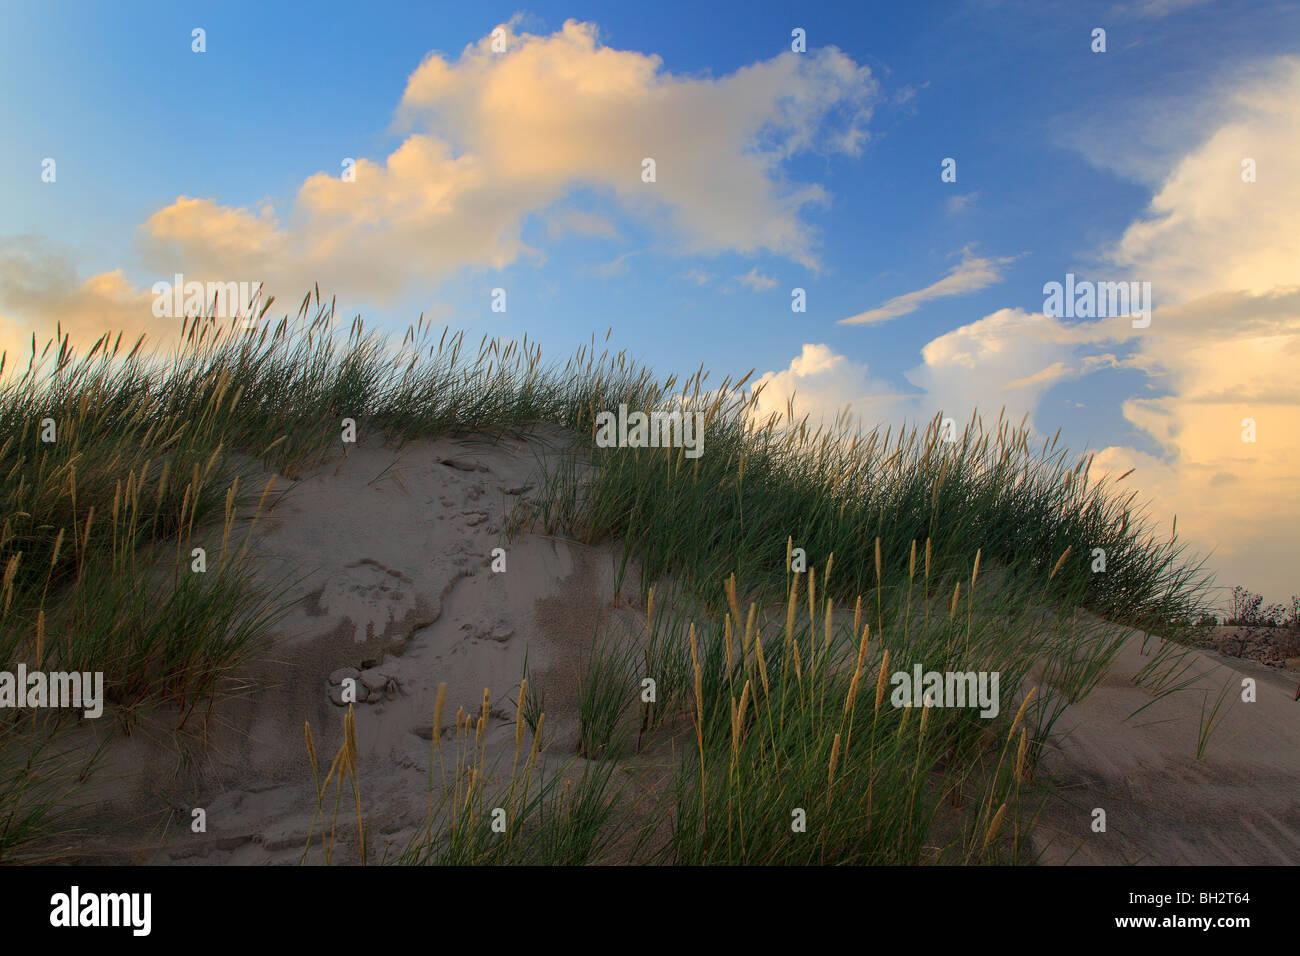 Raabjerg Mile es una migración de dunas costeras entre Skagen y Frederikshavn, Dinamarca. Imagen De Stock